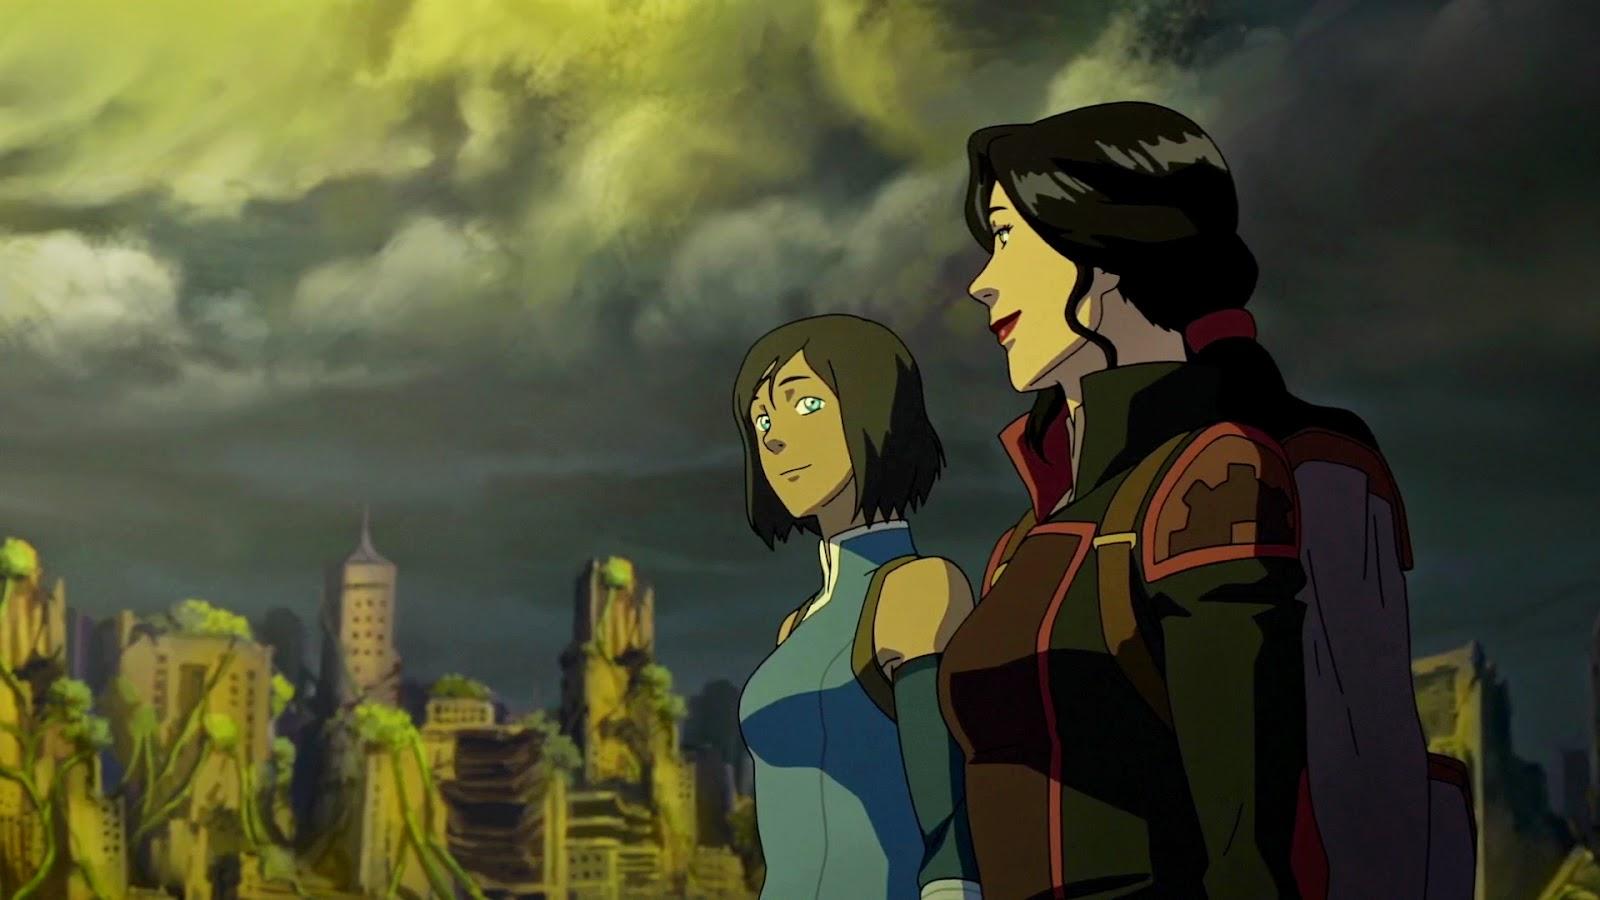 Asami sato and korra avatar